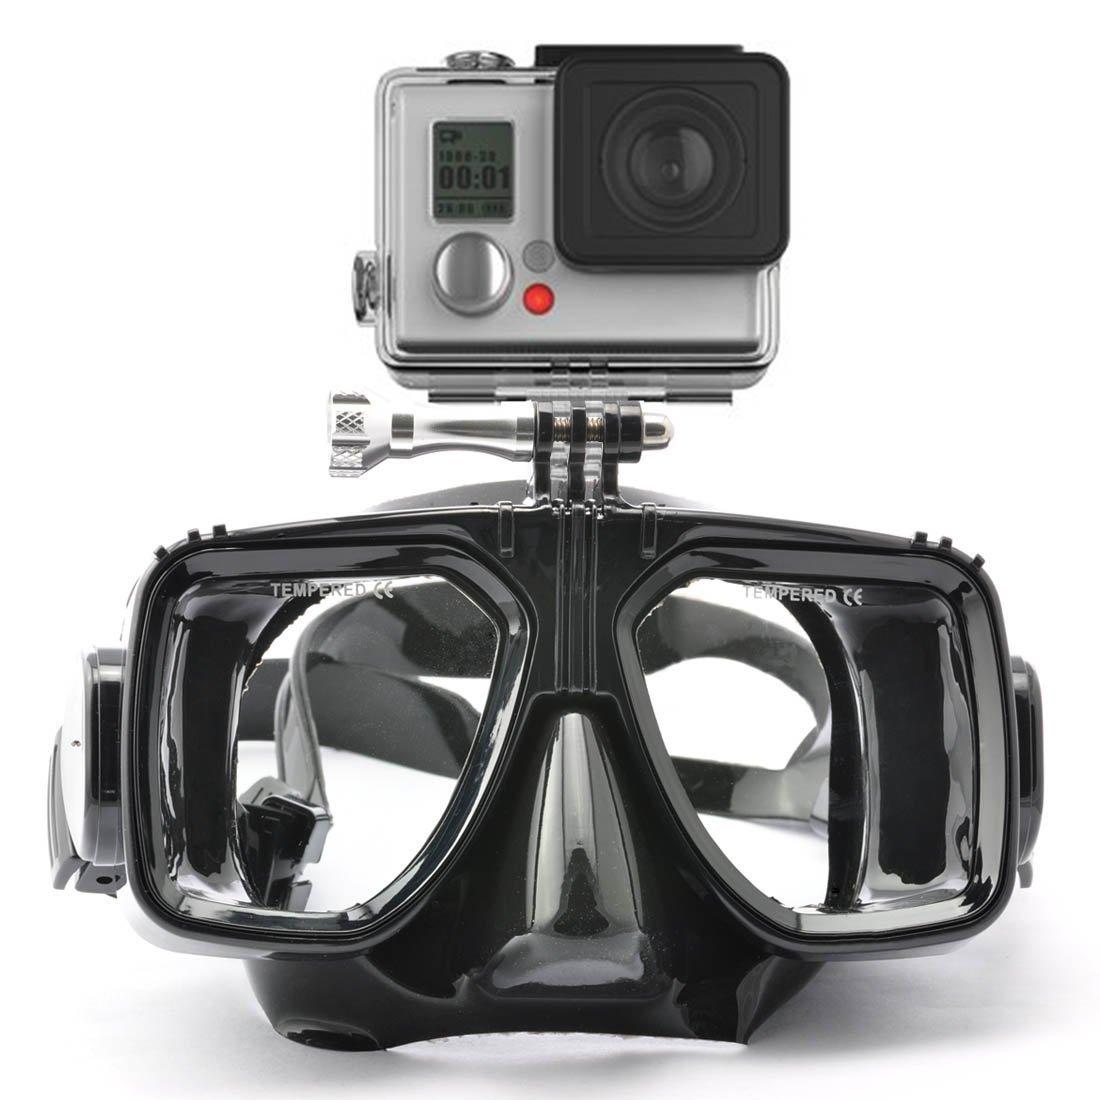 HLC - Gafas de Buceo (Compatibles con las Cámaras GoPro Hero 1, 2, 3, 3+, 4) con Snorkel, Color Negro: Amazon.es: Deportes y aire libre